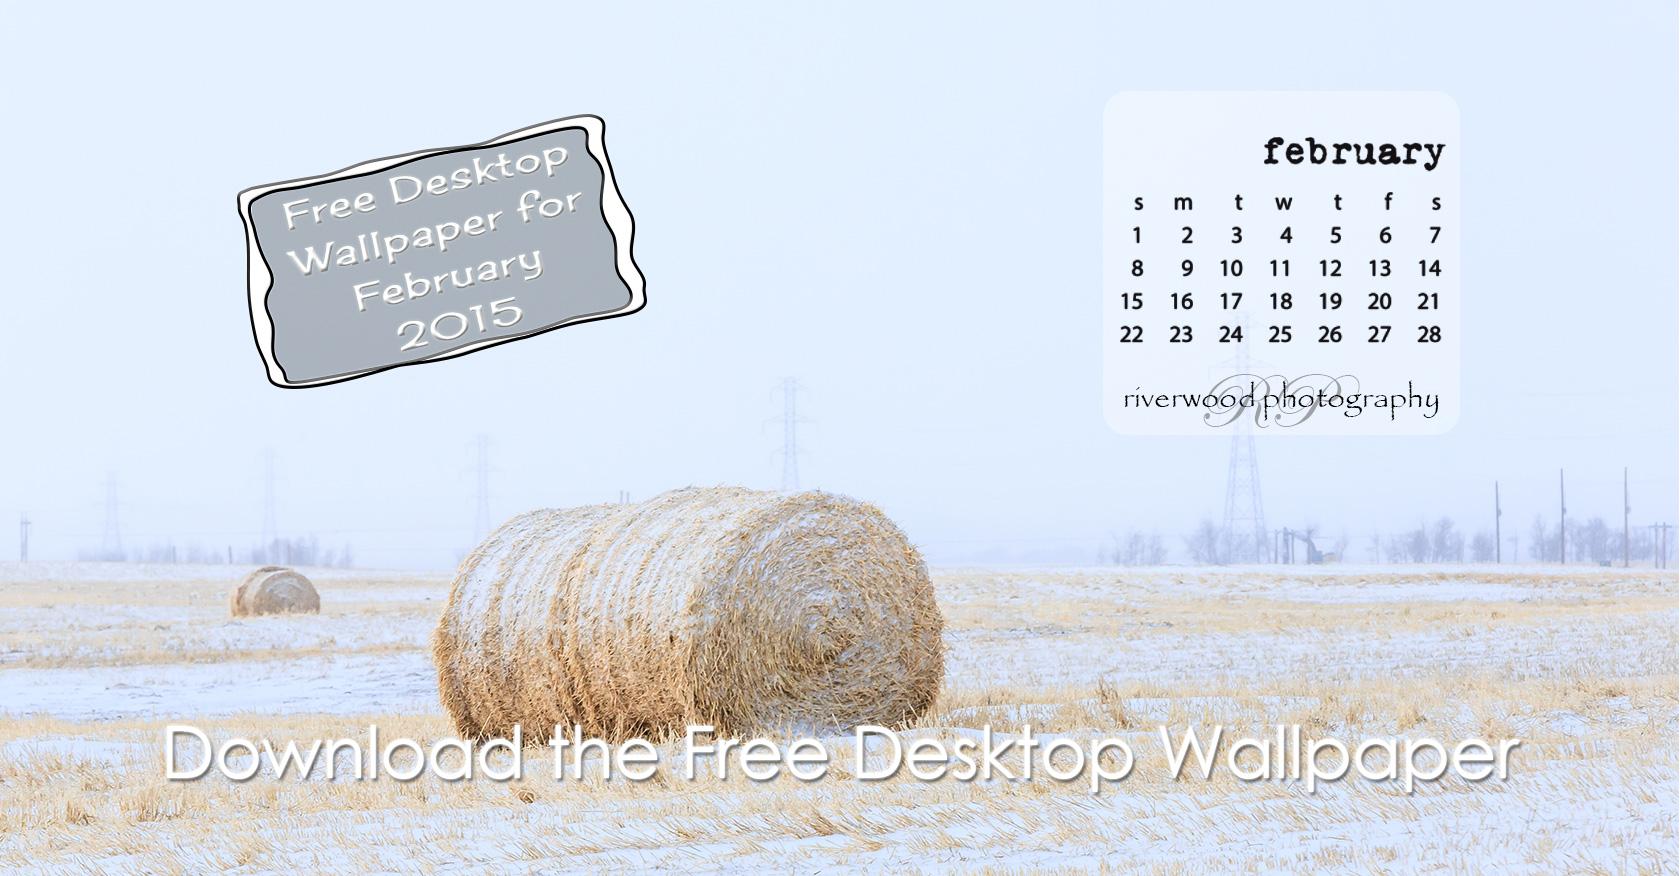 Free Desktop Wallpaper for February 2015